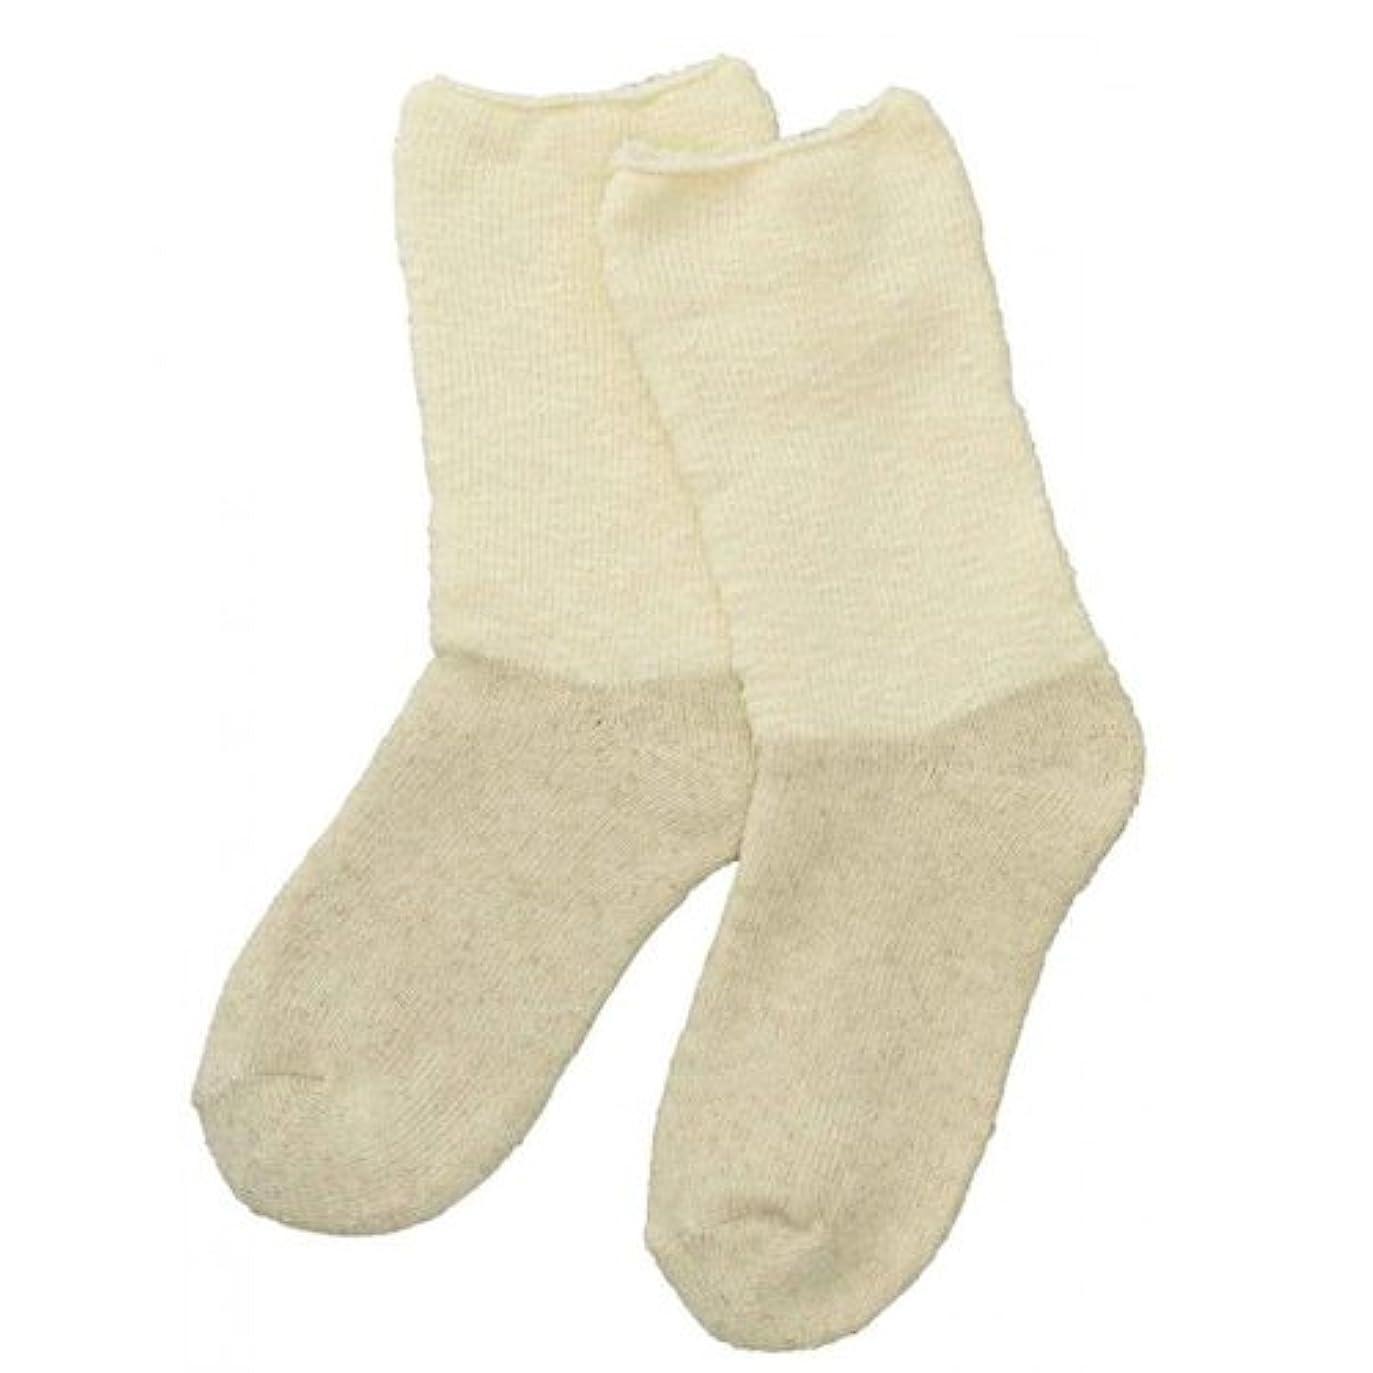 男世界の窓びっくりしたCarelance(ケアランス)お風呂上りのやさしい靴下 綿麻パイルで足先さわやか 8706CA-31 クリーム